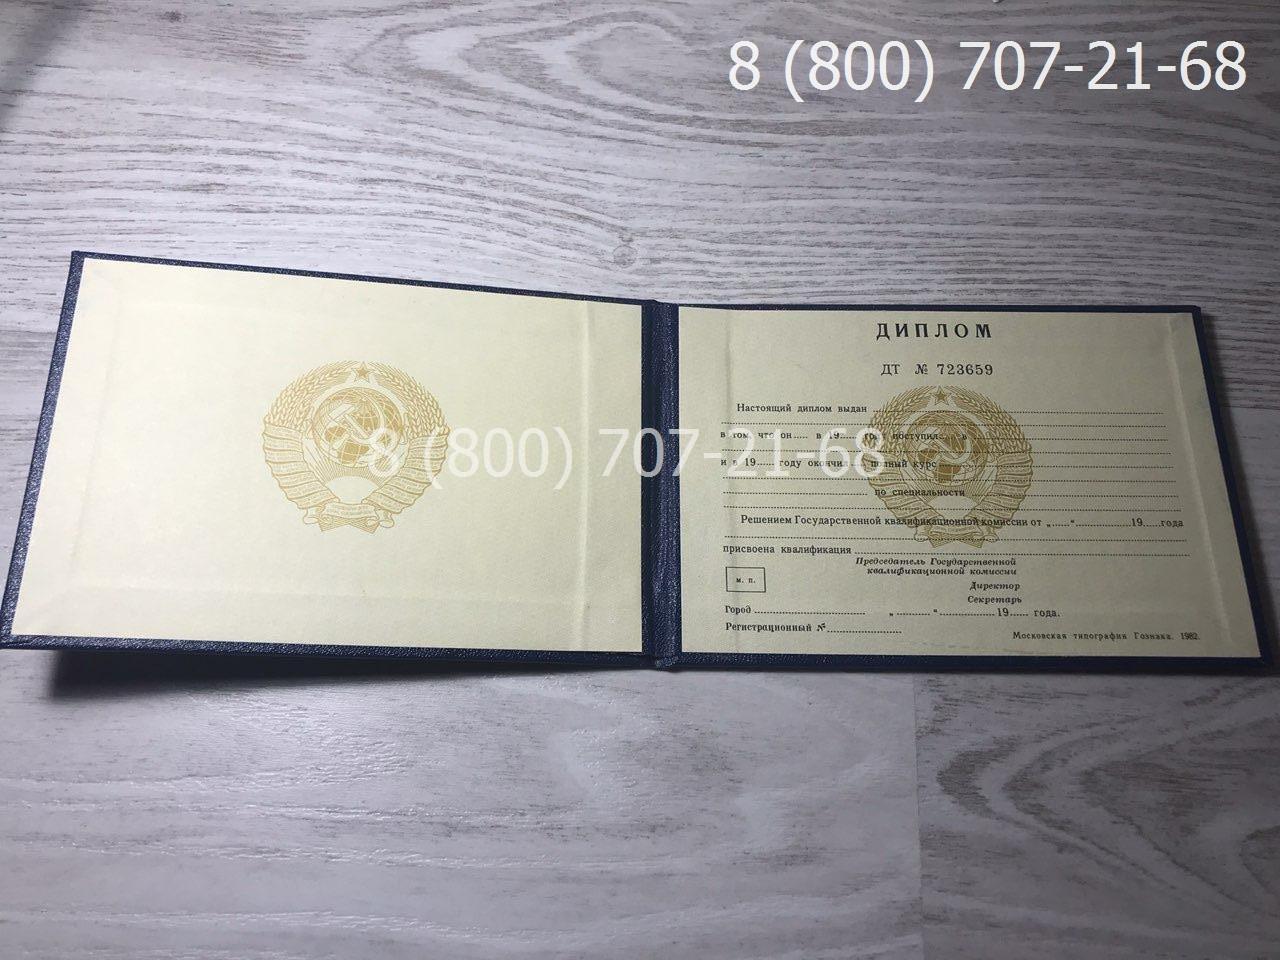 Диплом техникума СССР 1